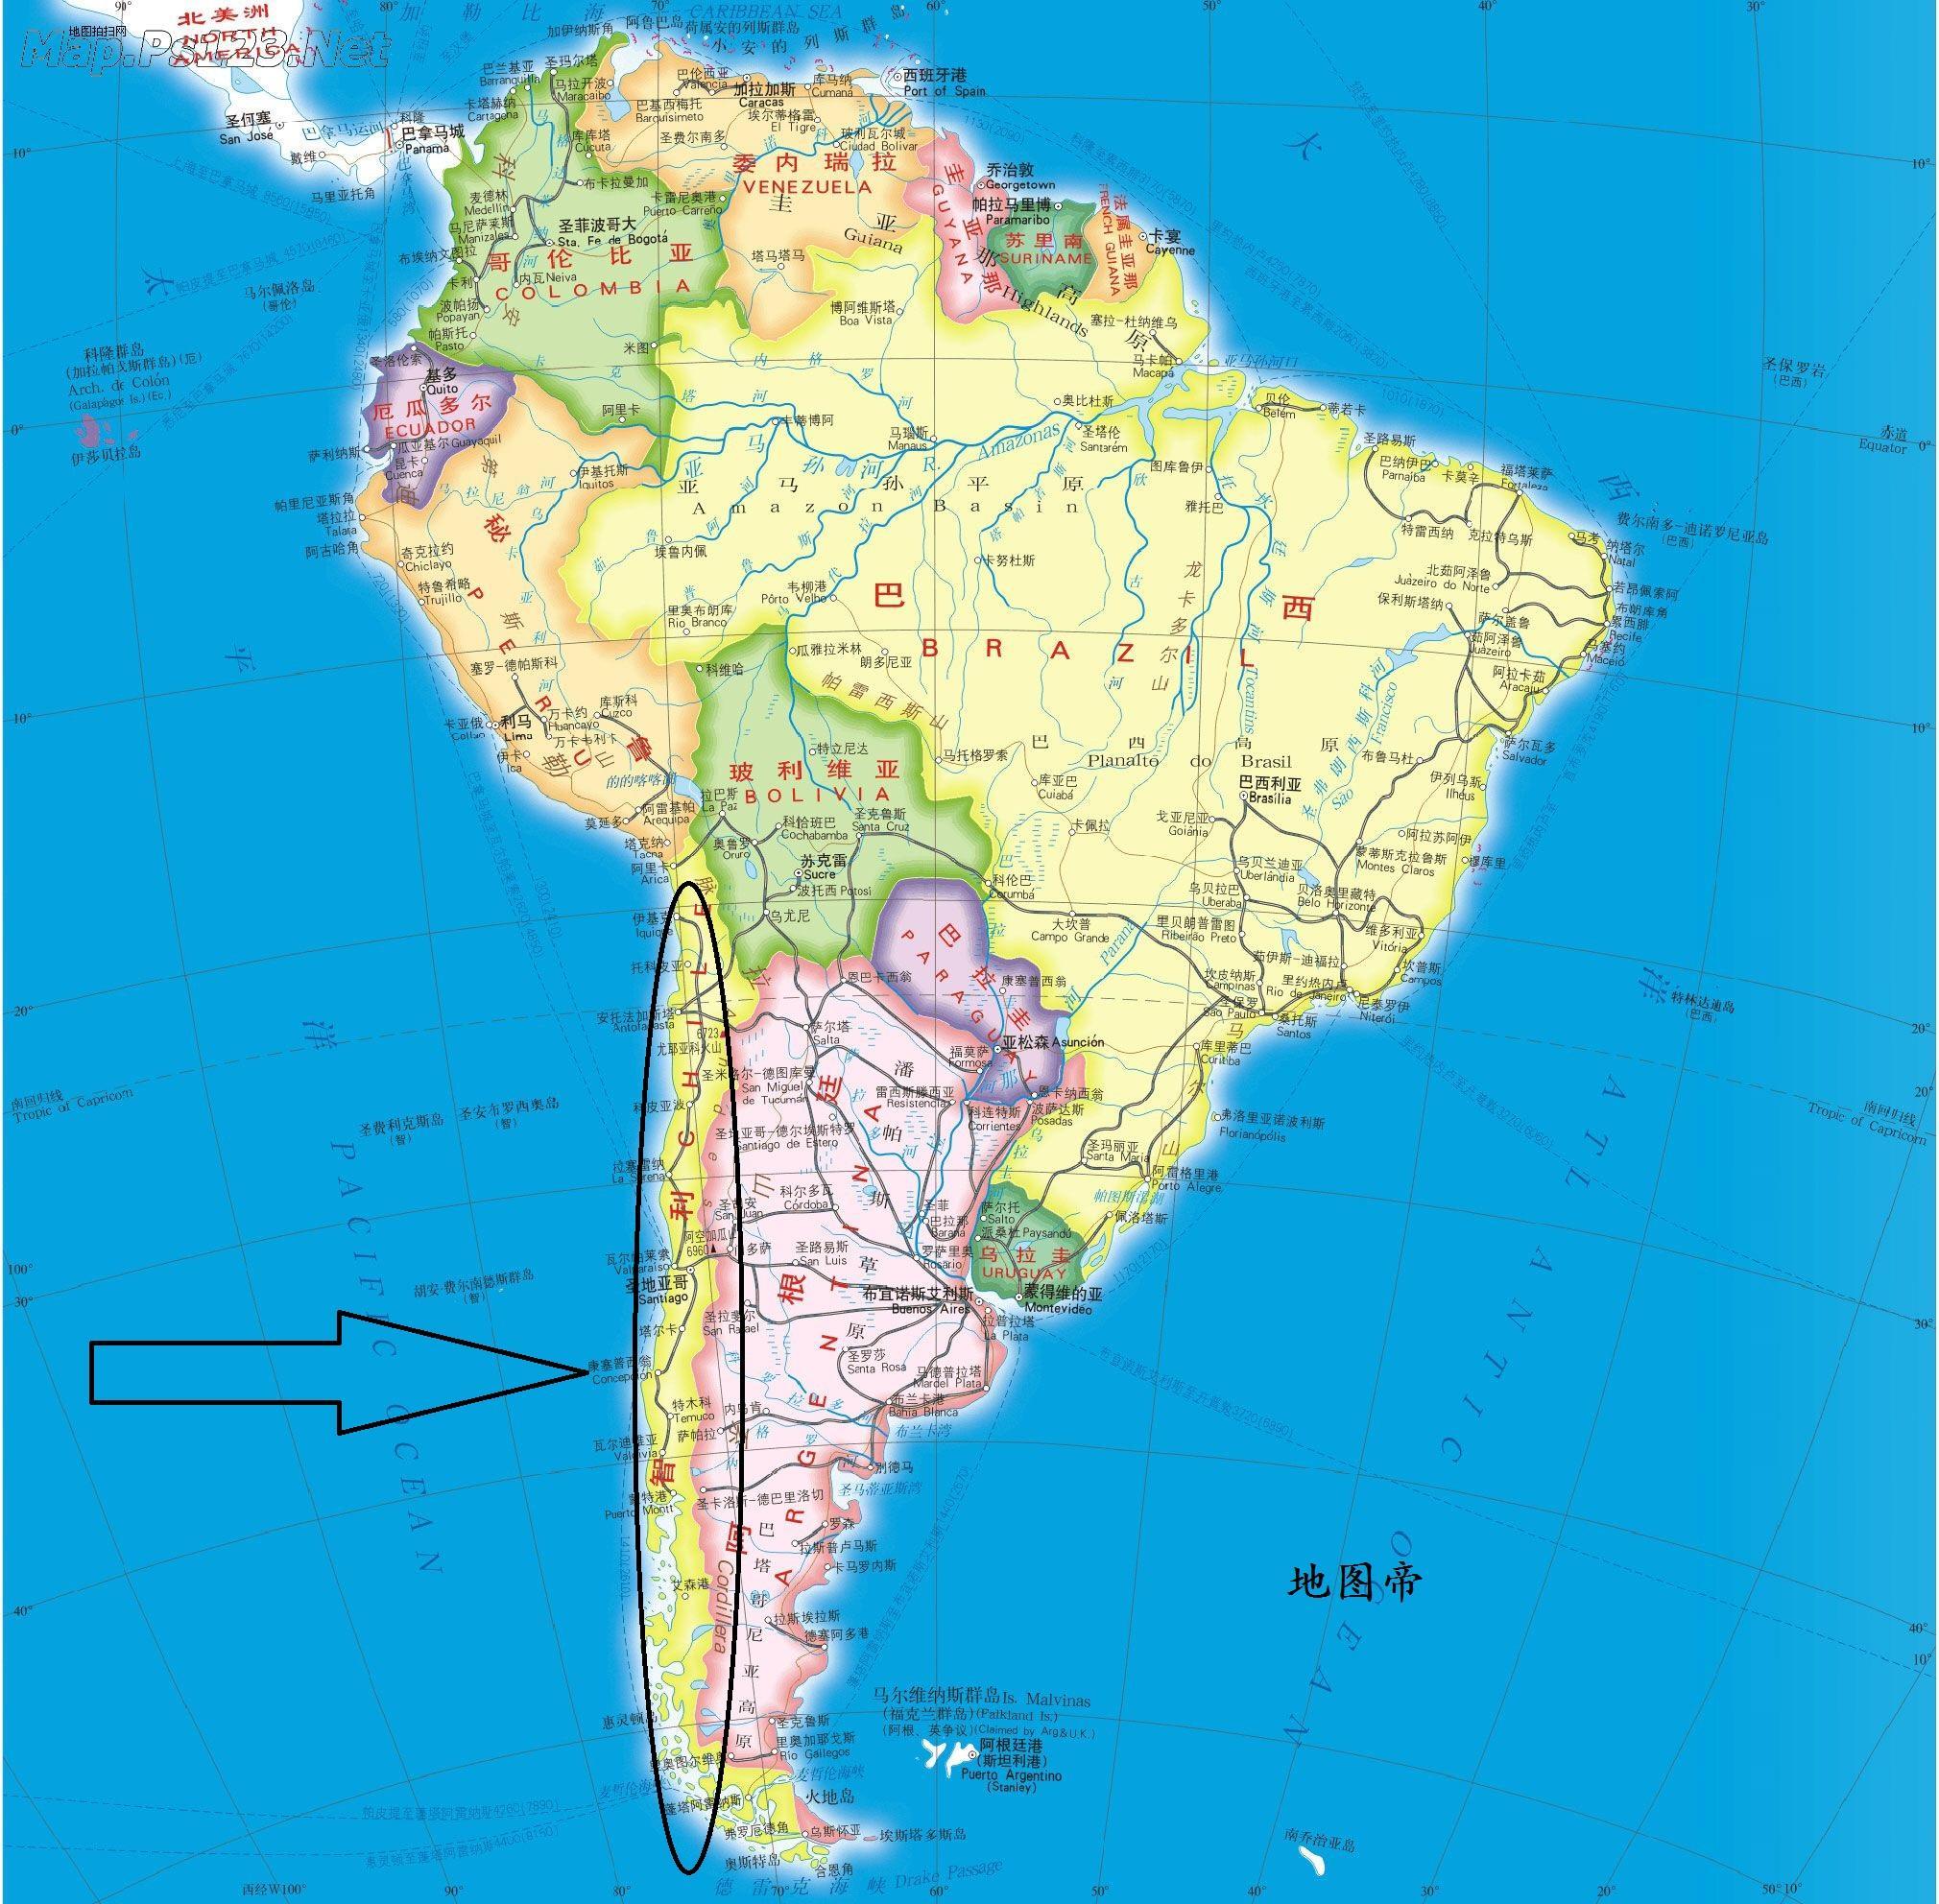 南美人口排名_南美洲人口最多的五个国家,其中巴西是唯一一个人口超1亿的国